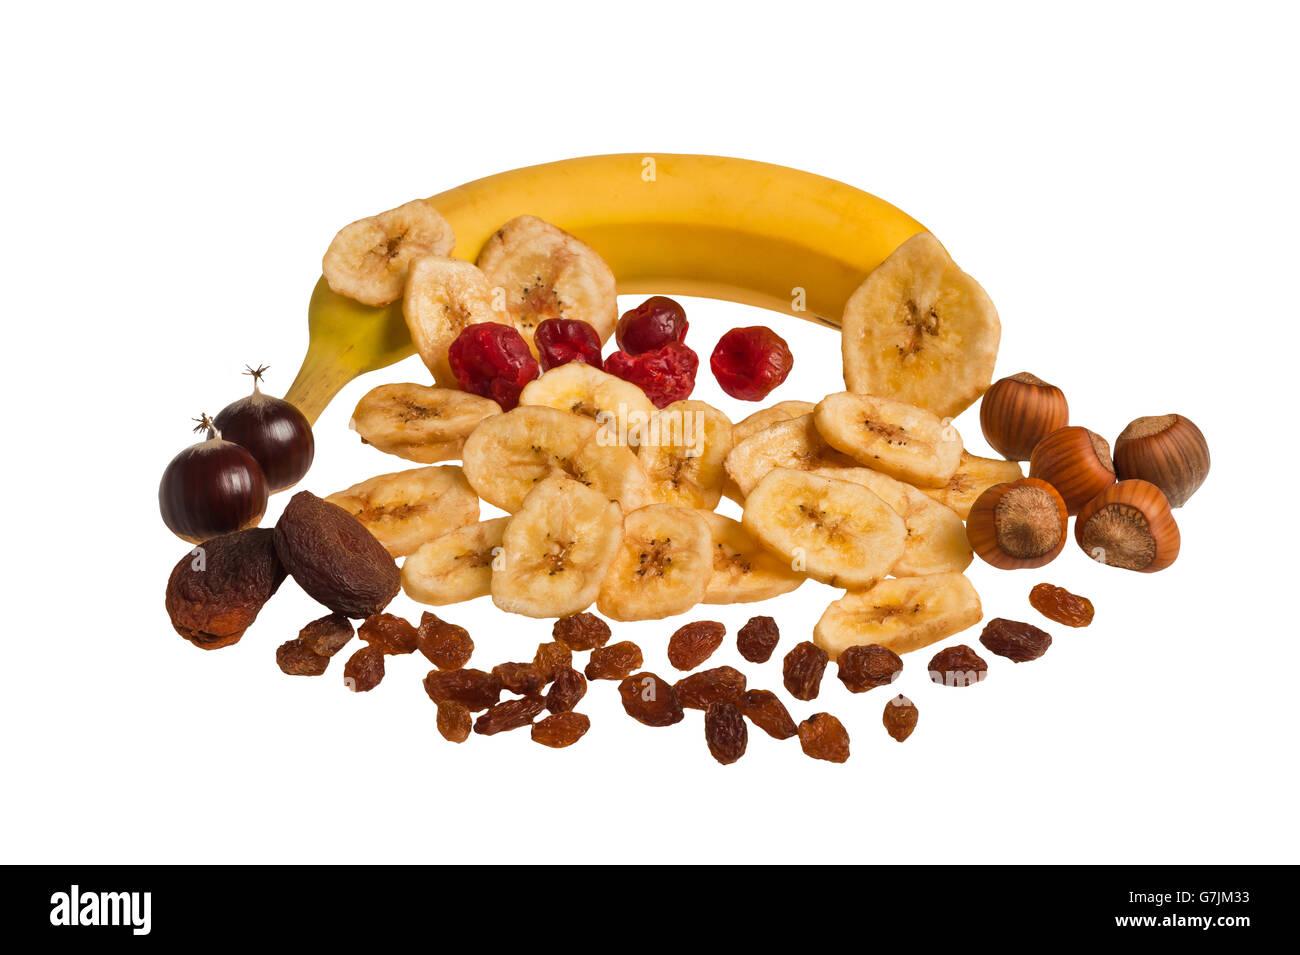 Mezcla de frutos secos aislado en blanco Imagen De Stock